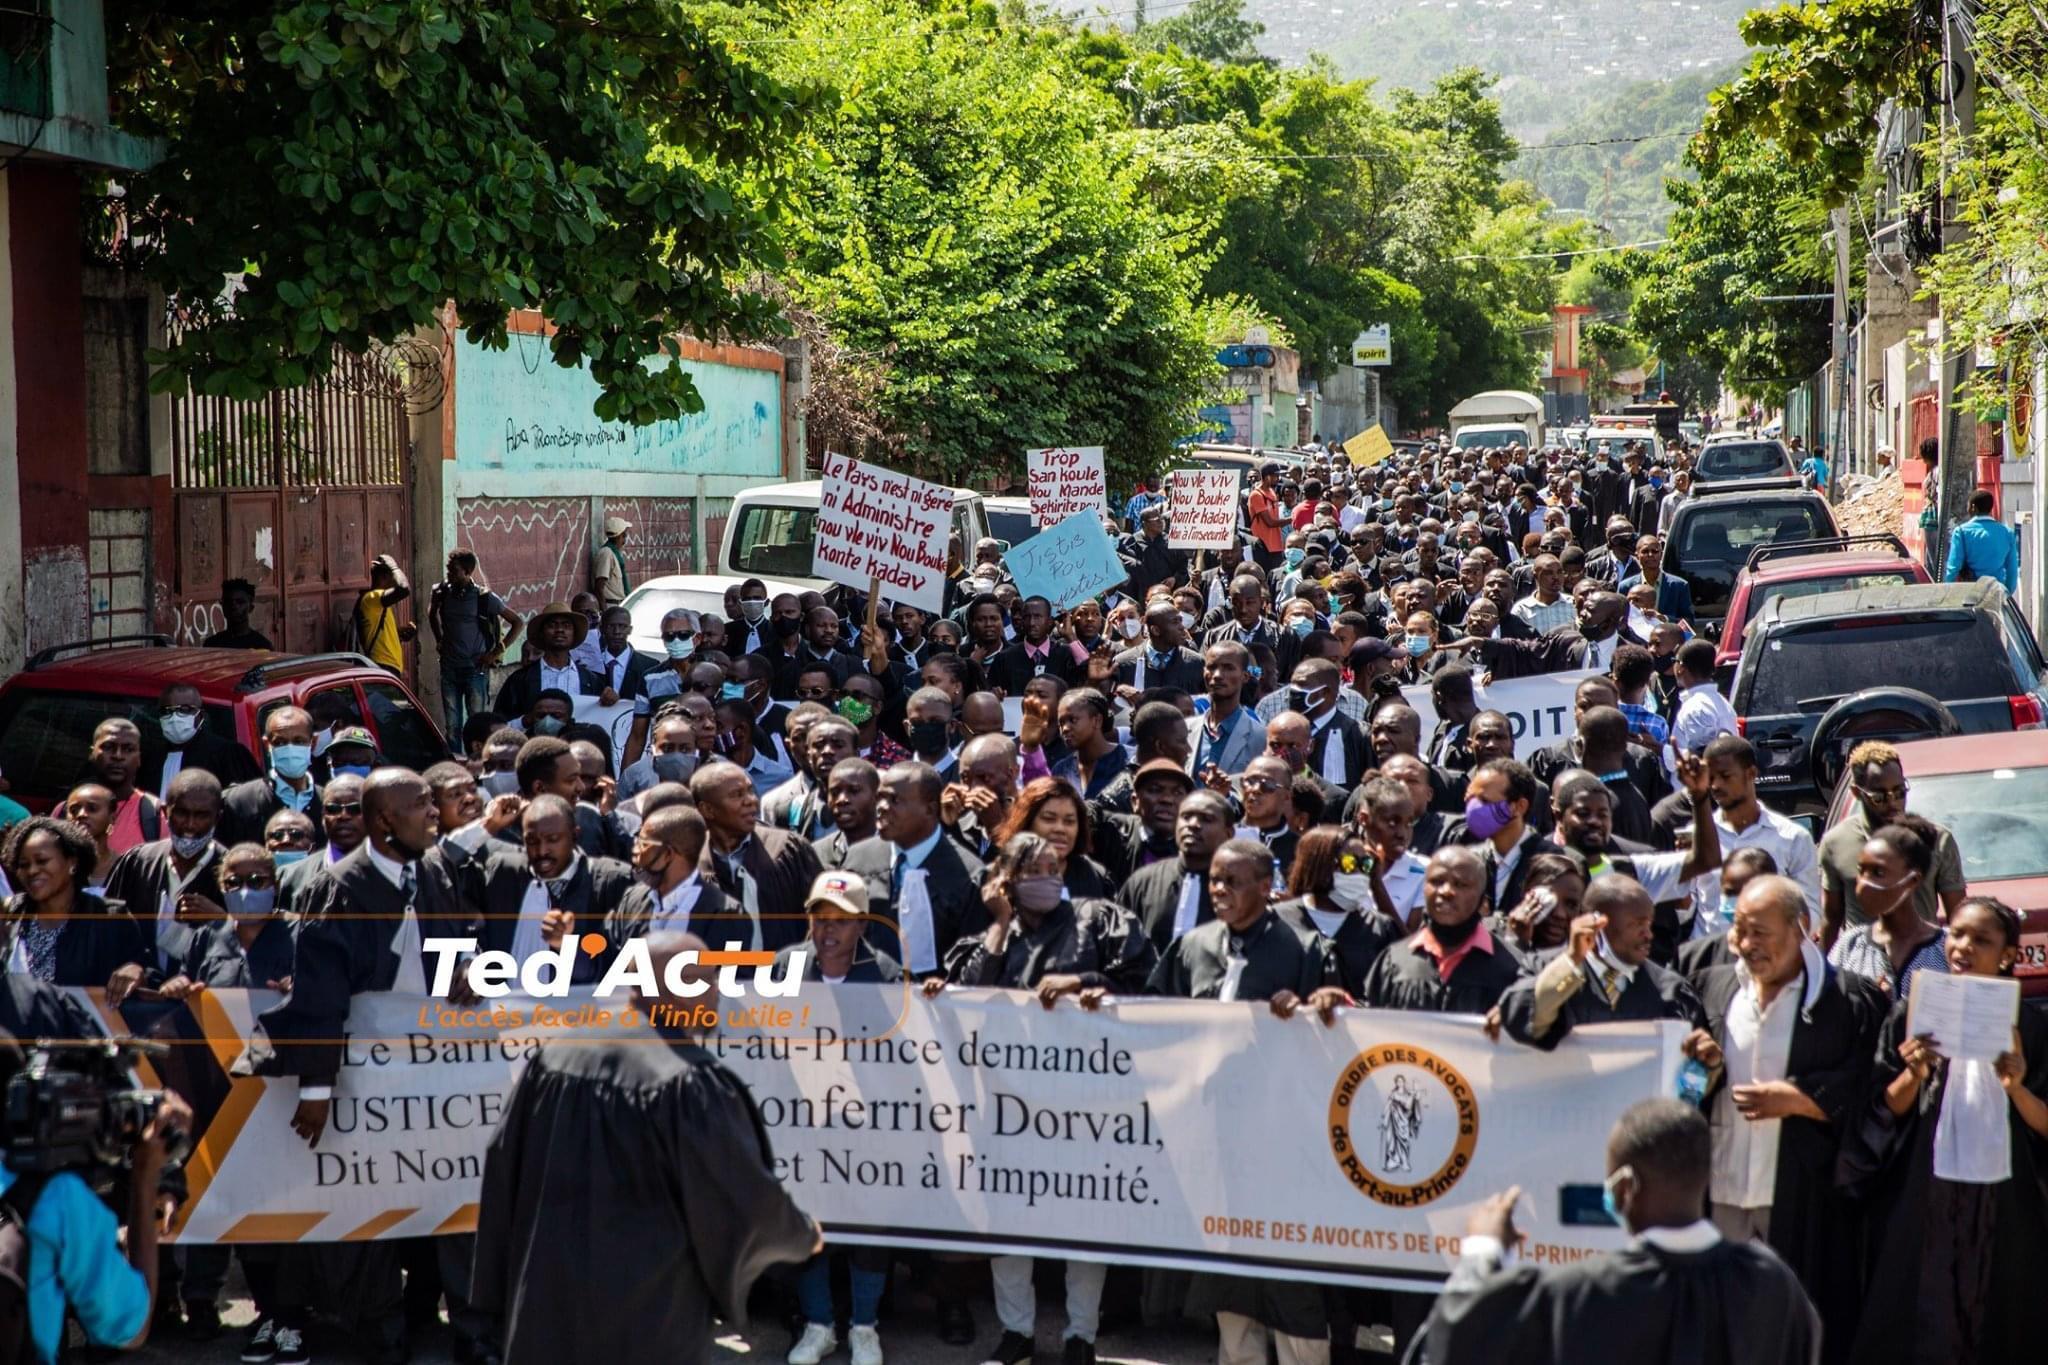 Haïti-Actualités: Des avocats ont investi les rues pour demander justice pour Me. Monferrier Dorval